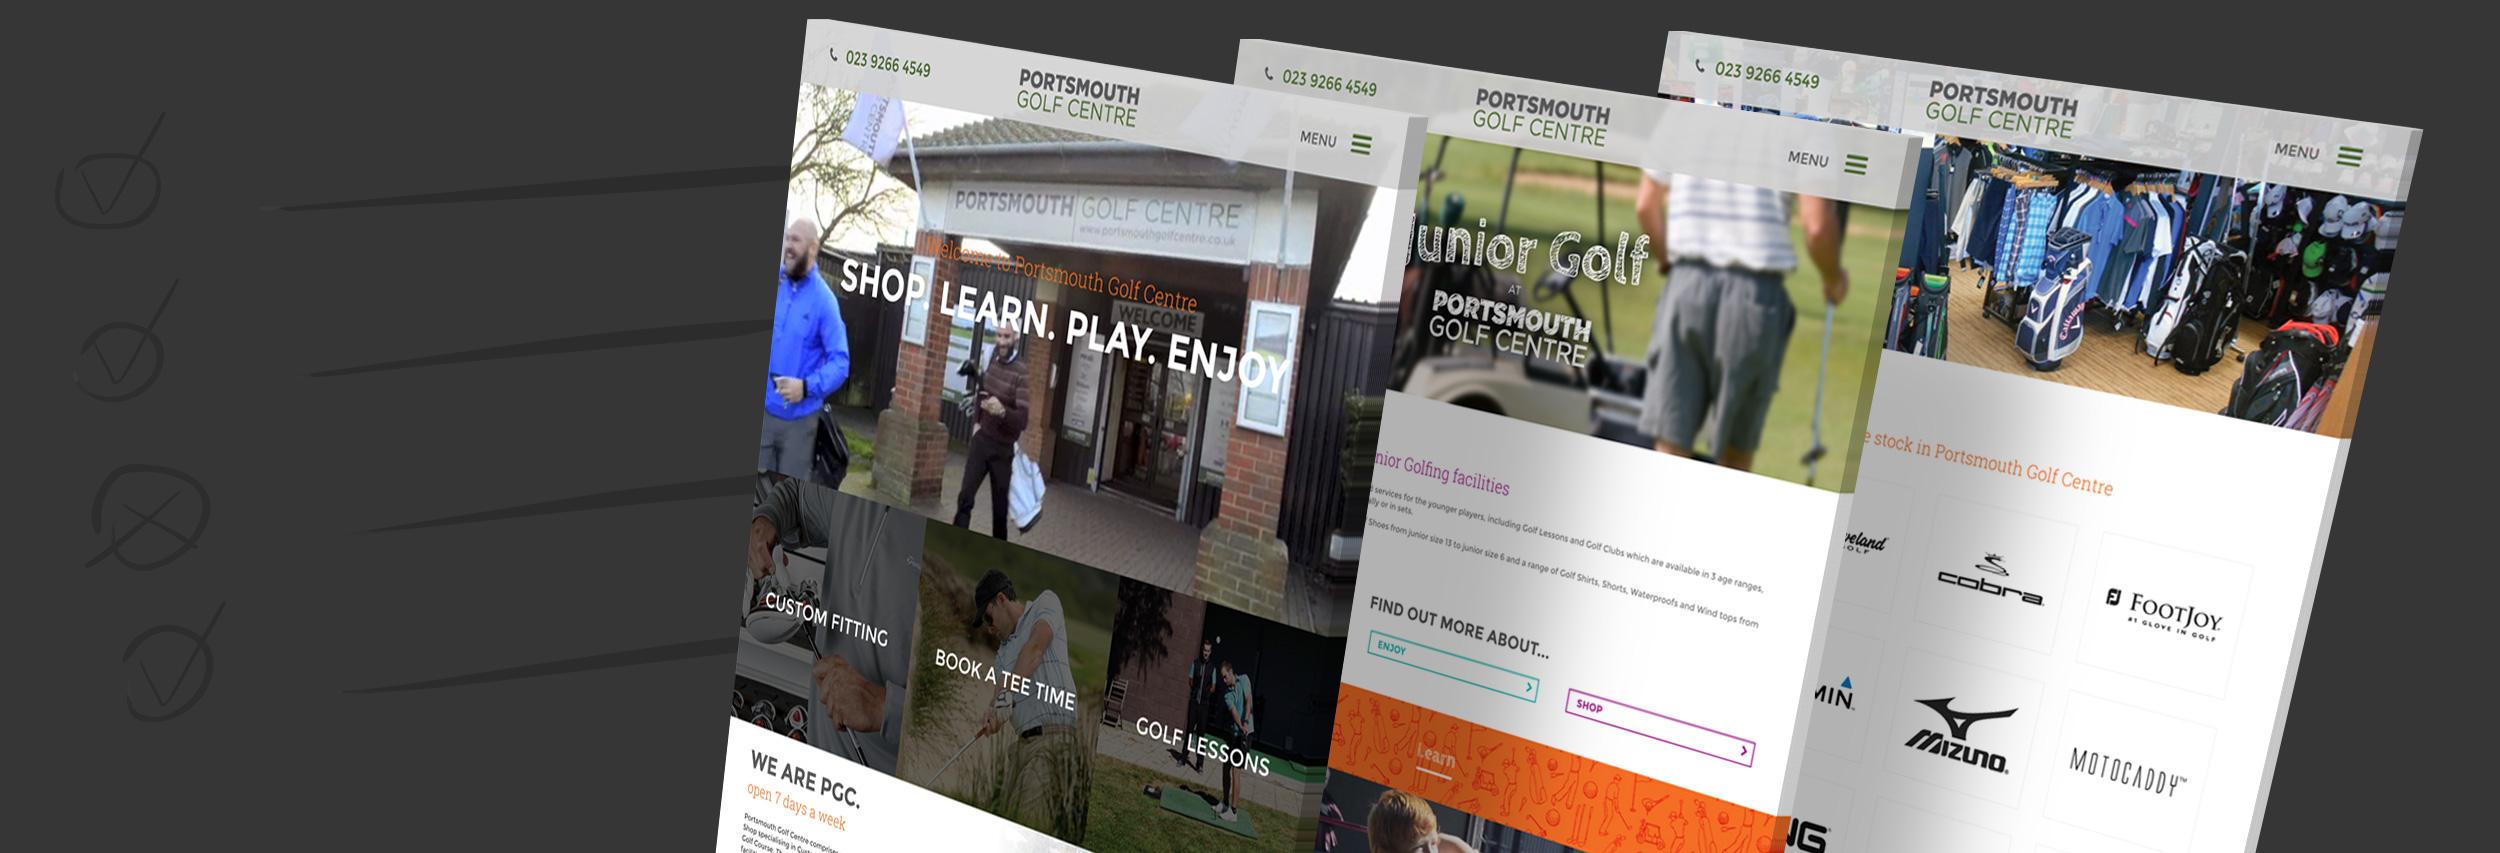 header thumbnail image